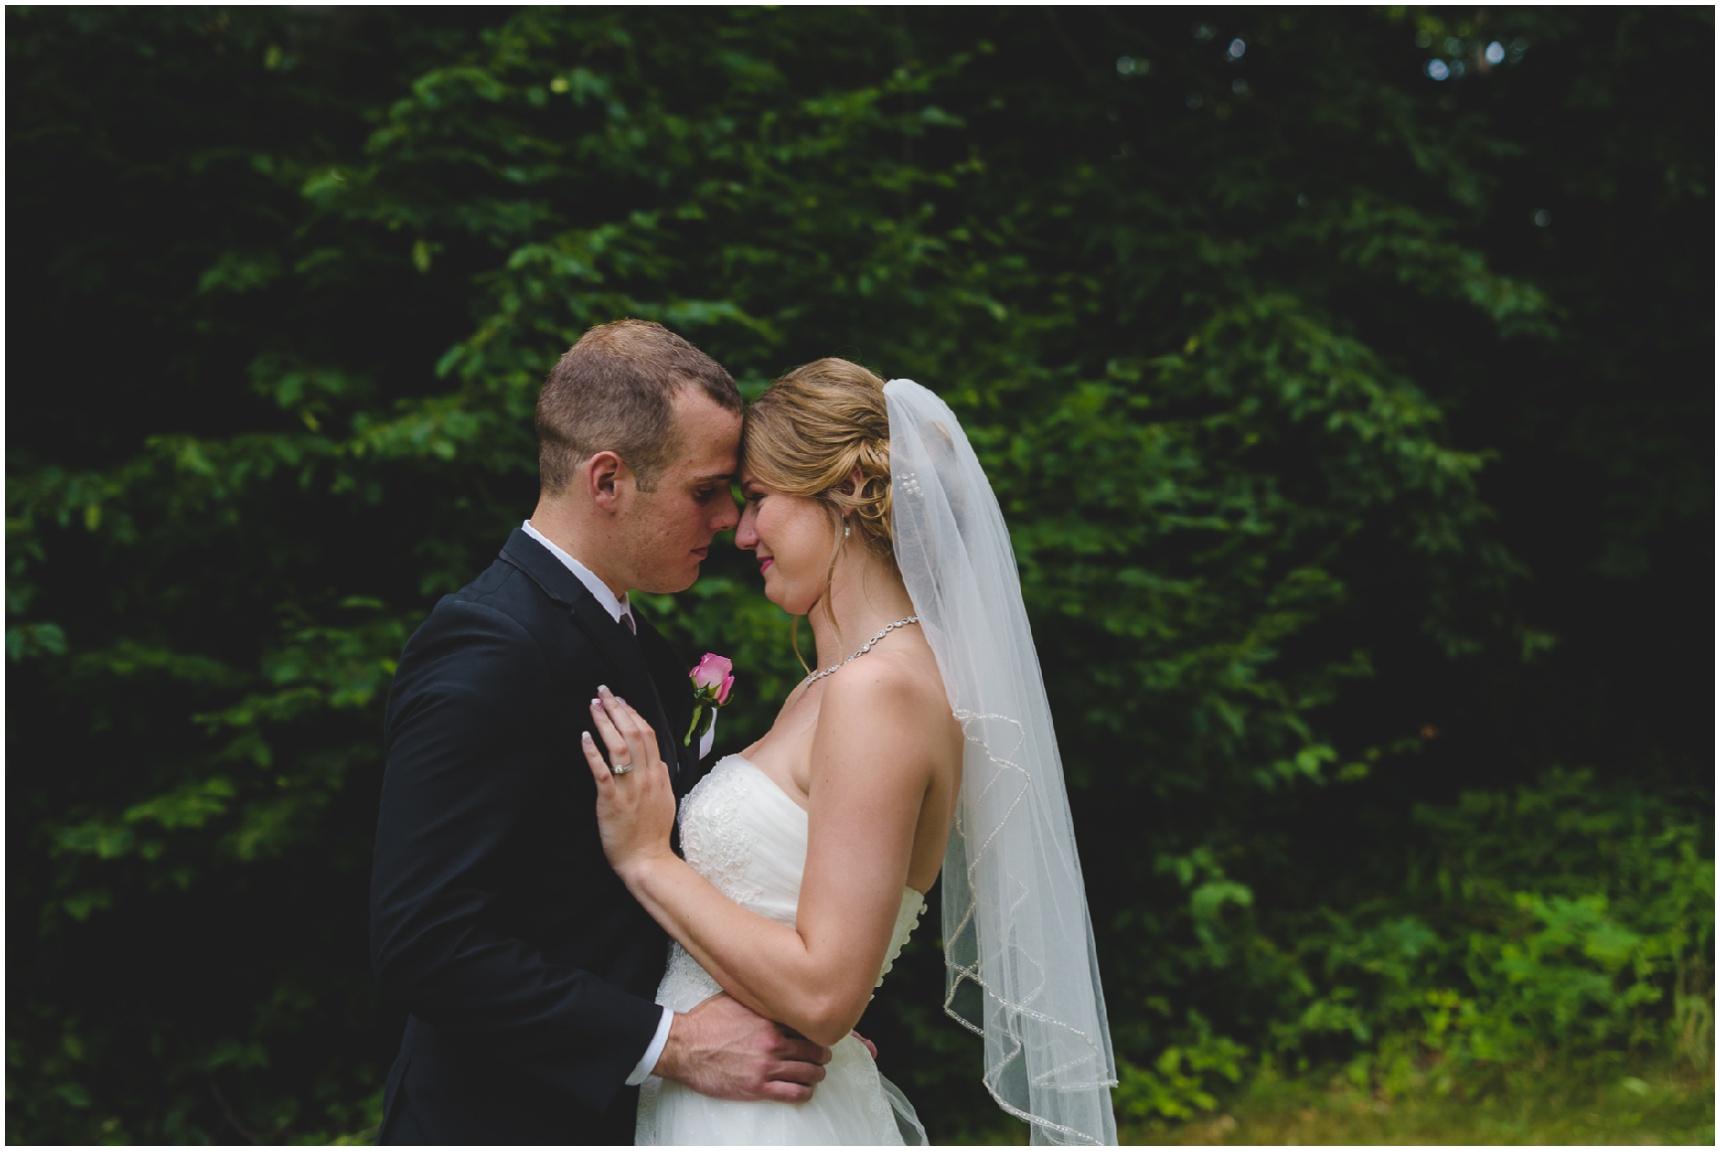 Buffalo-Avanti-Wedding-Photographer_039.jpg